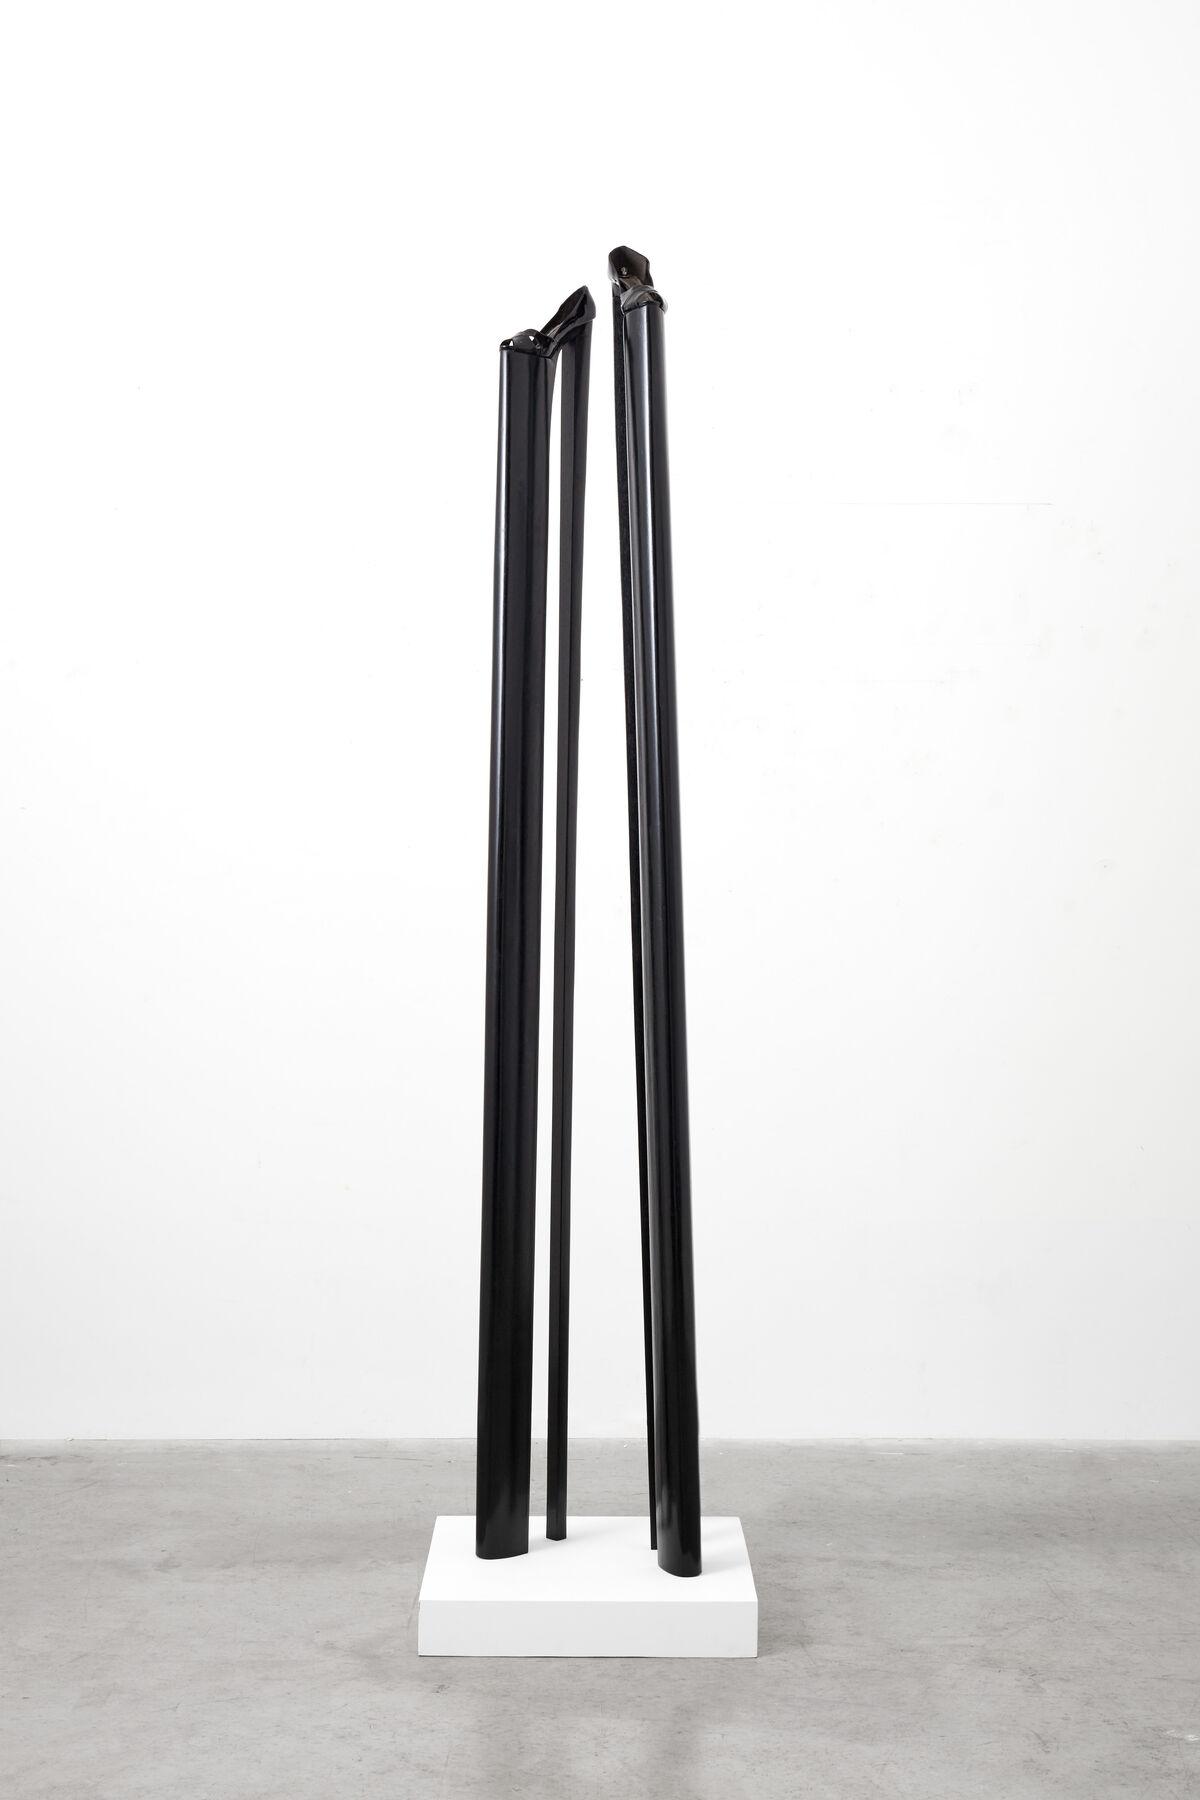 Yoan Capote, Top Feminist, 2008–09. © Yoan Capote. Courtesy of Ben Brown Fine Arts.